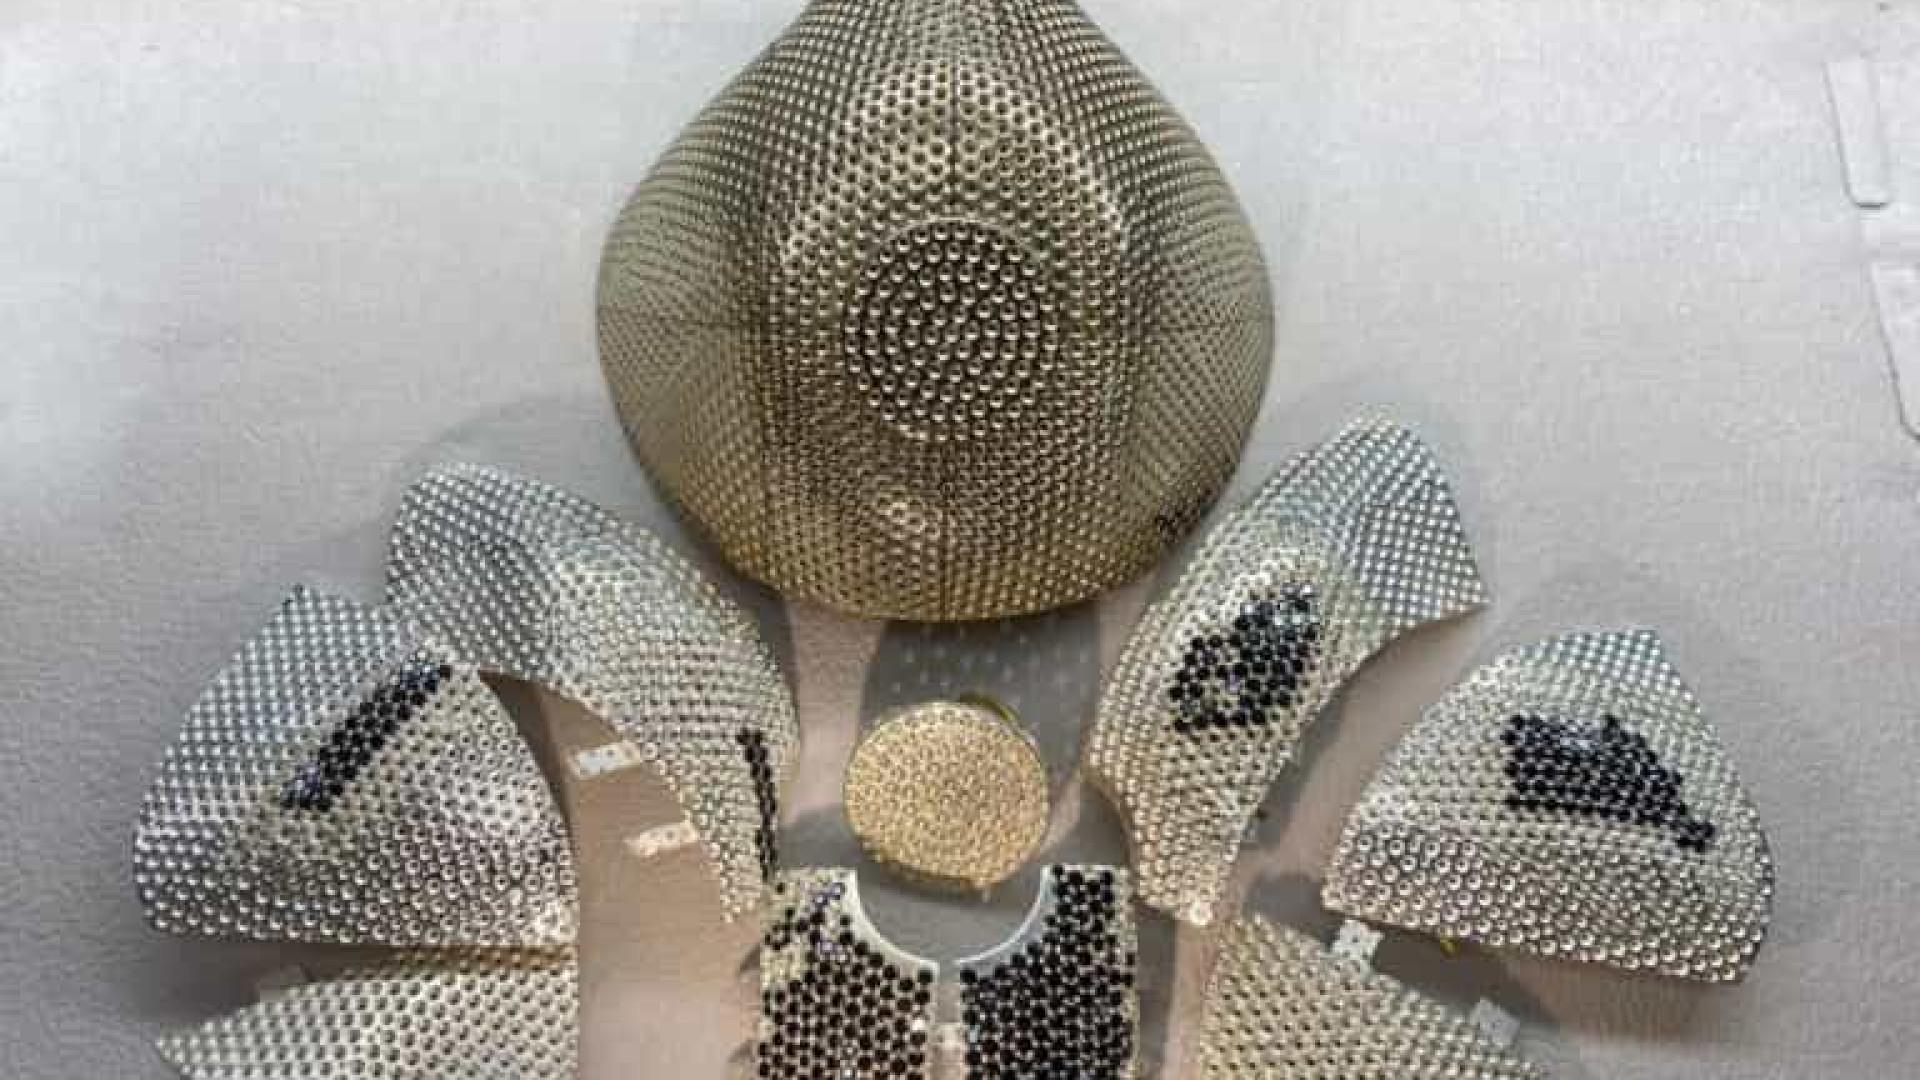 Máscara mais cara do mundo é de ouro, diamantes, e custa 8 milhões